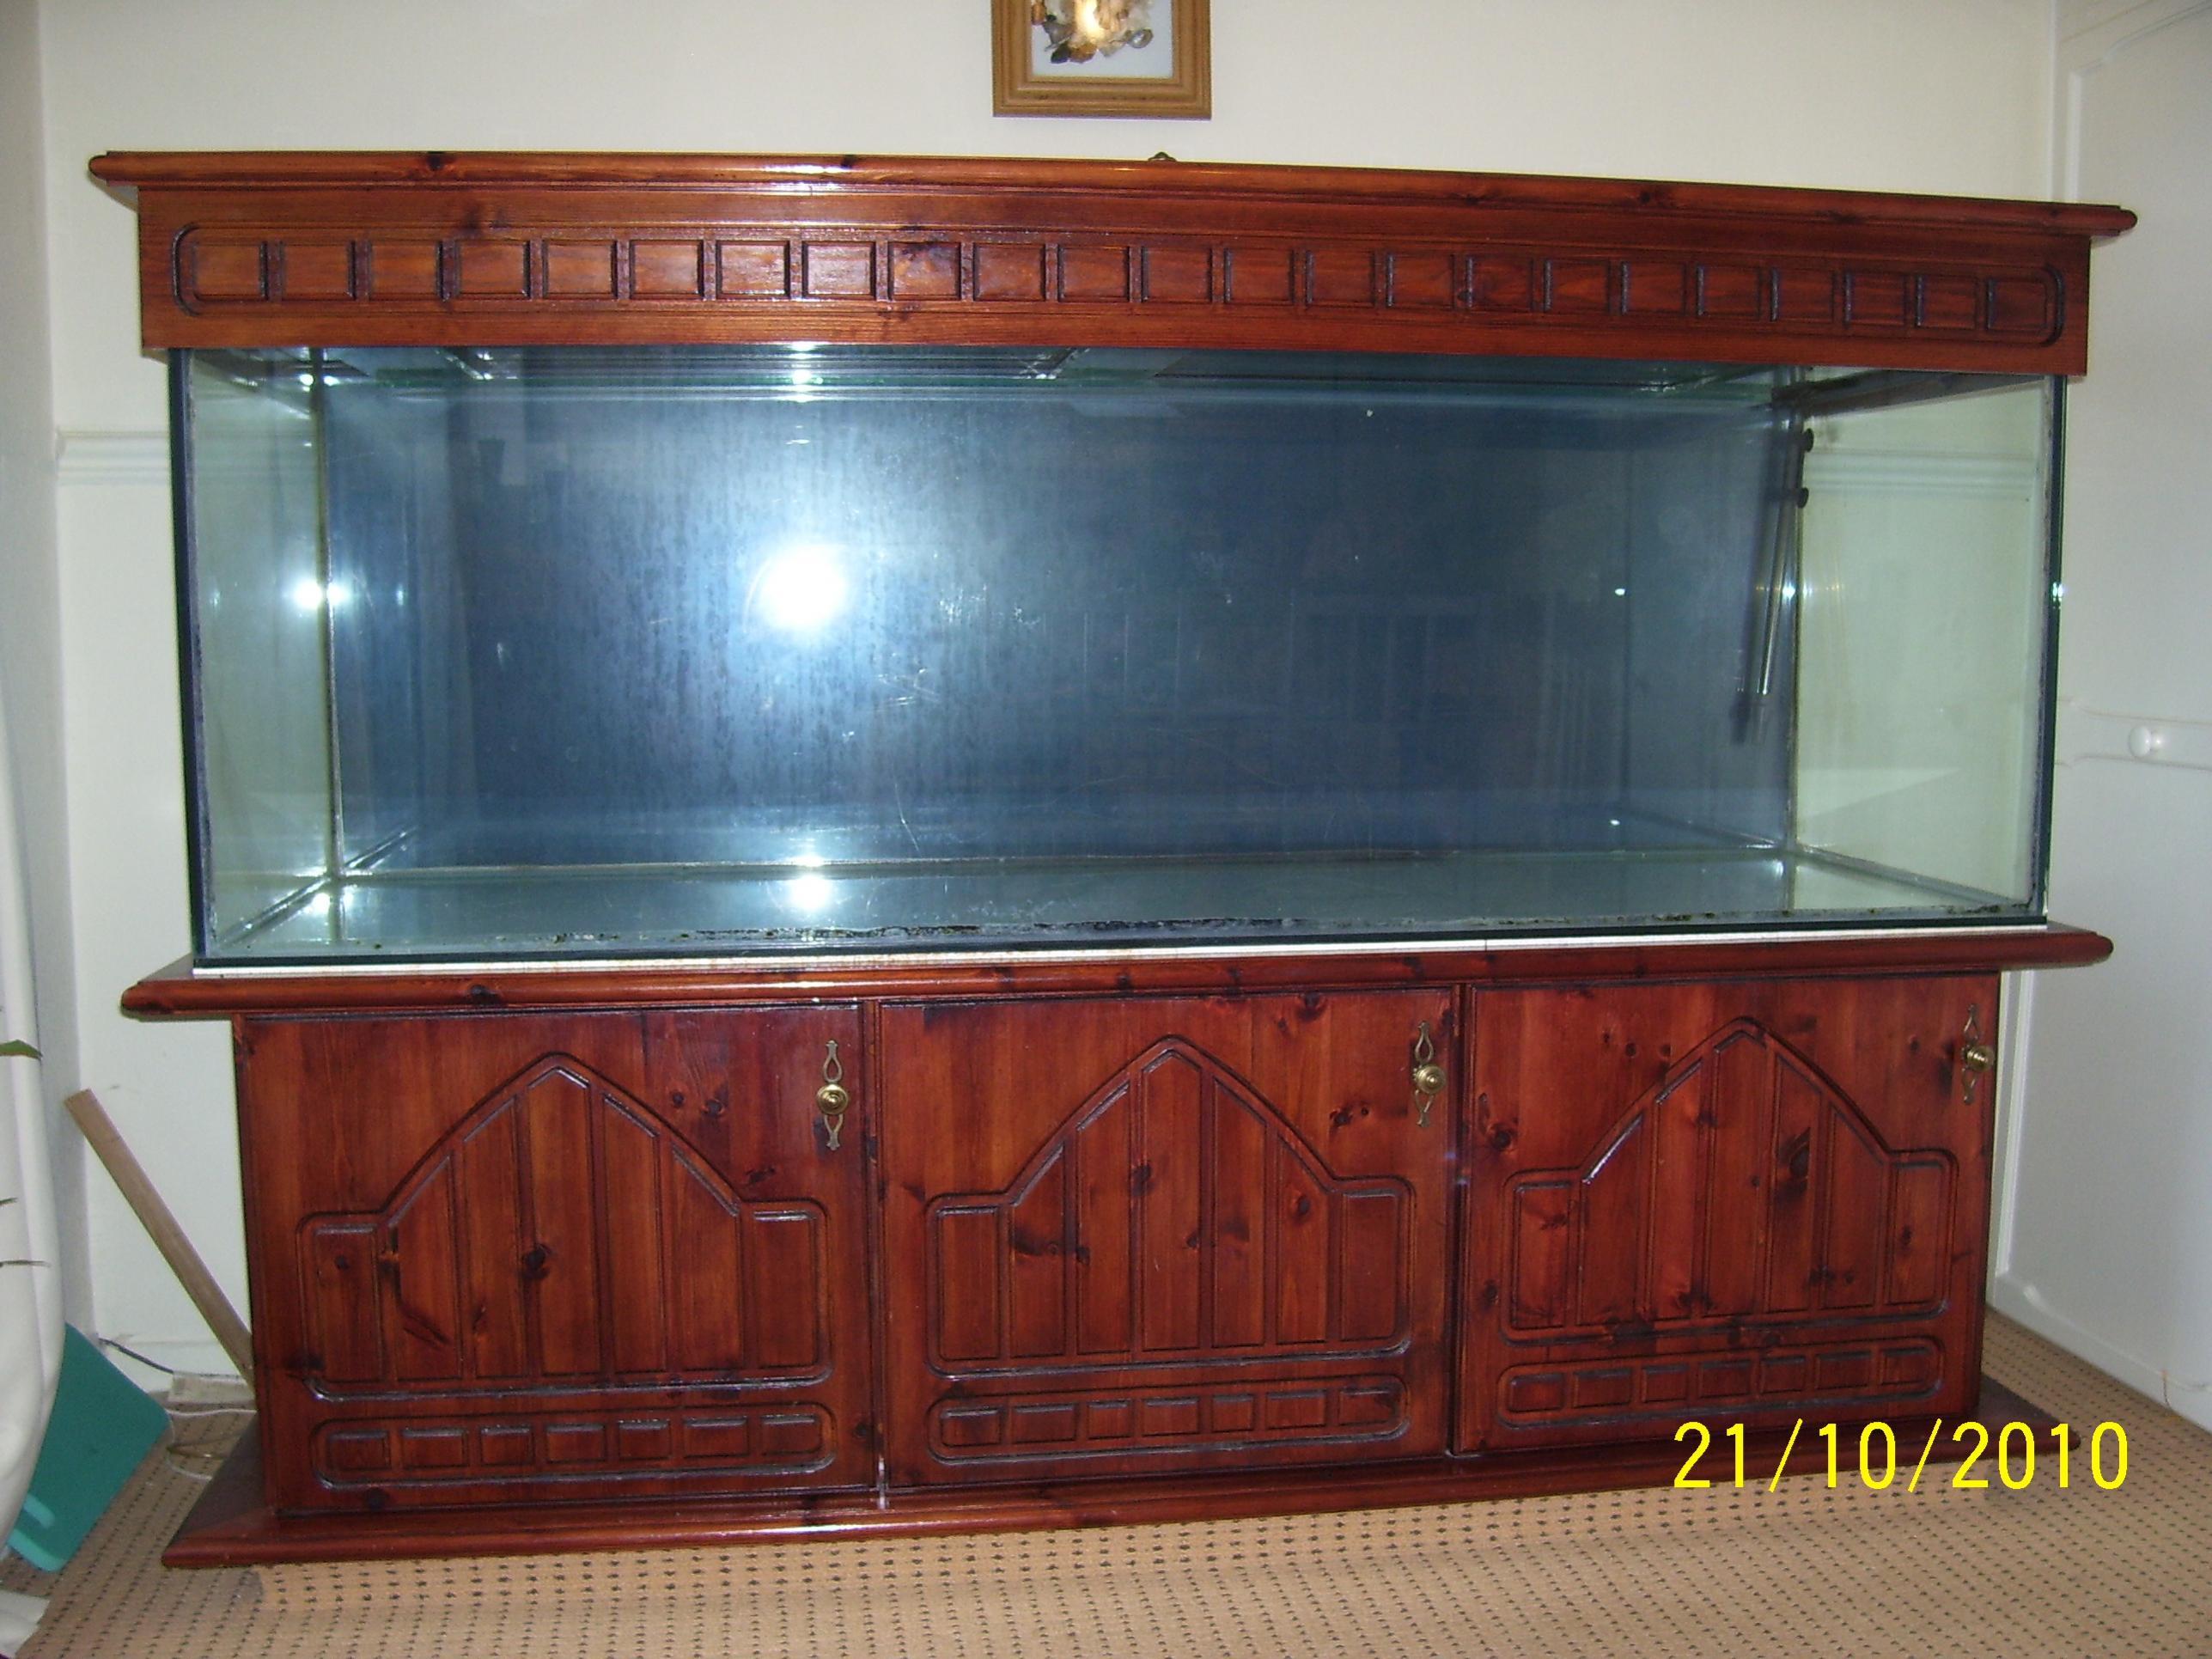 Aquarium fish tank sale uk - Large Fishtank 280ltrs And Cabinet 6ft X 2ft X 2ft 101_1146 Jpg